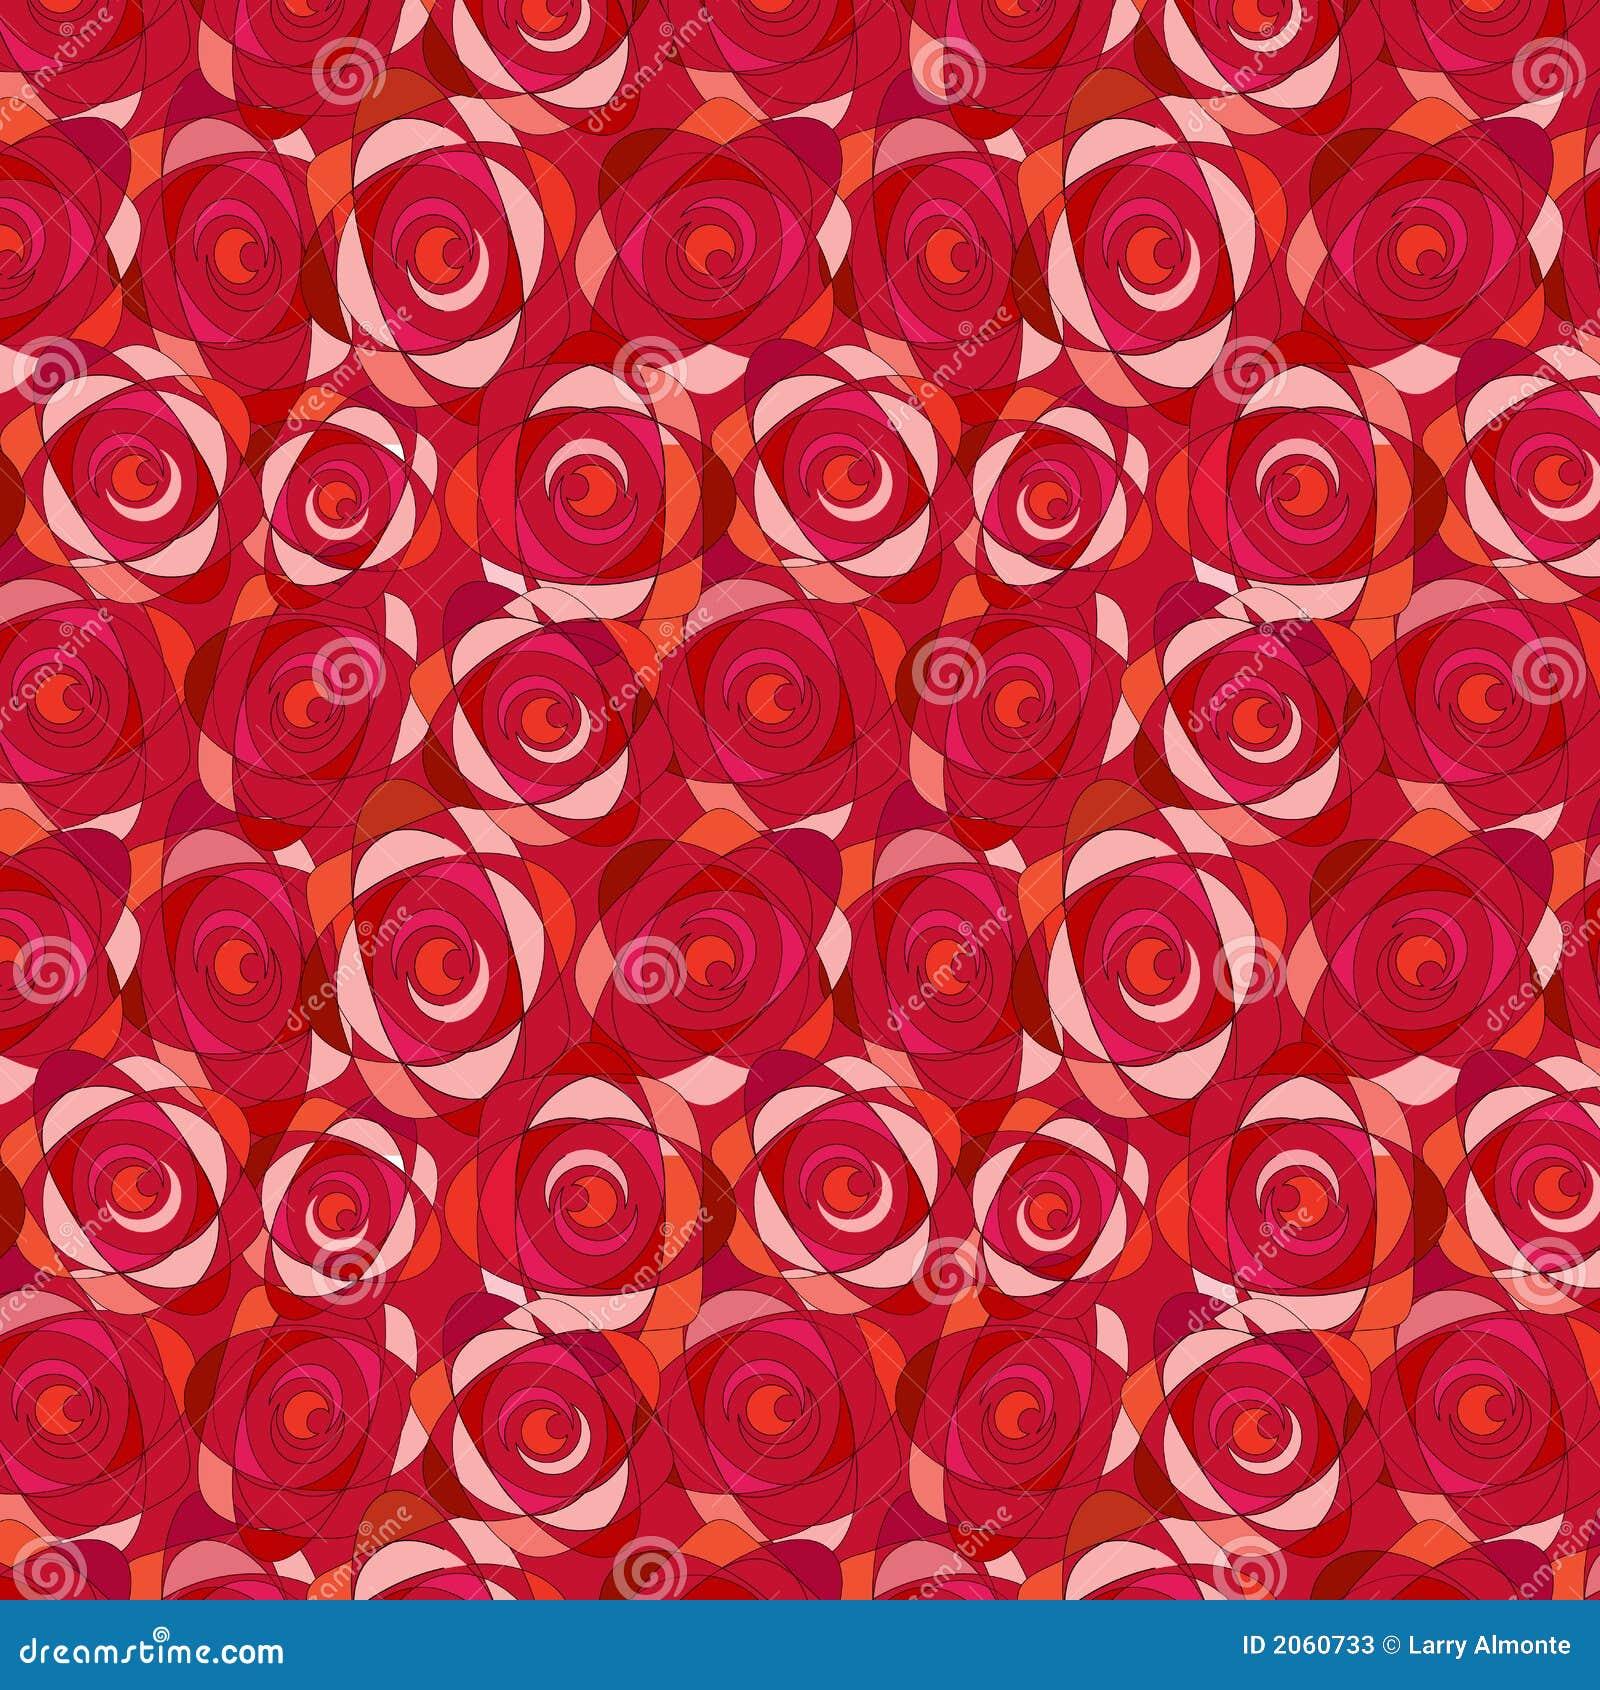 Rose Seamless Wallpaper Pattern